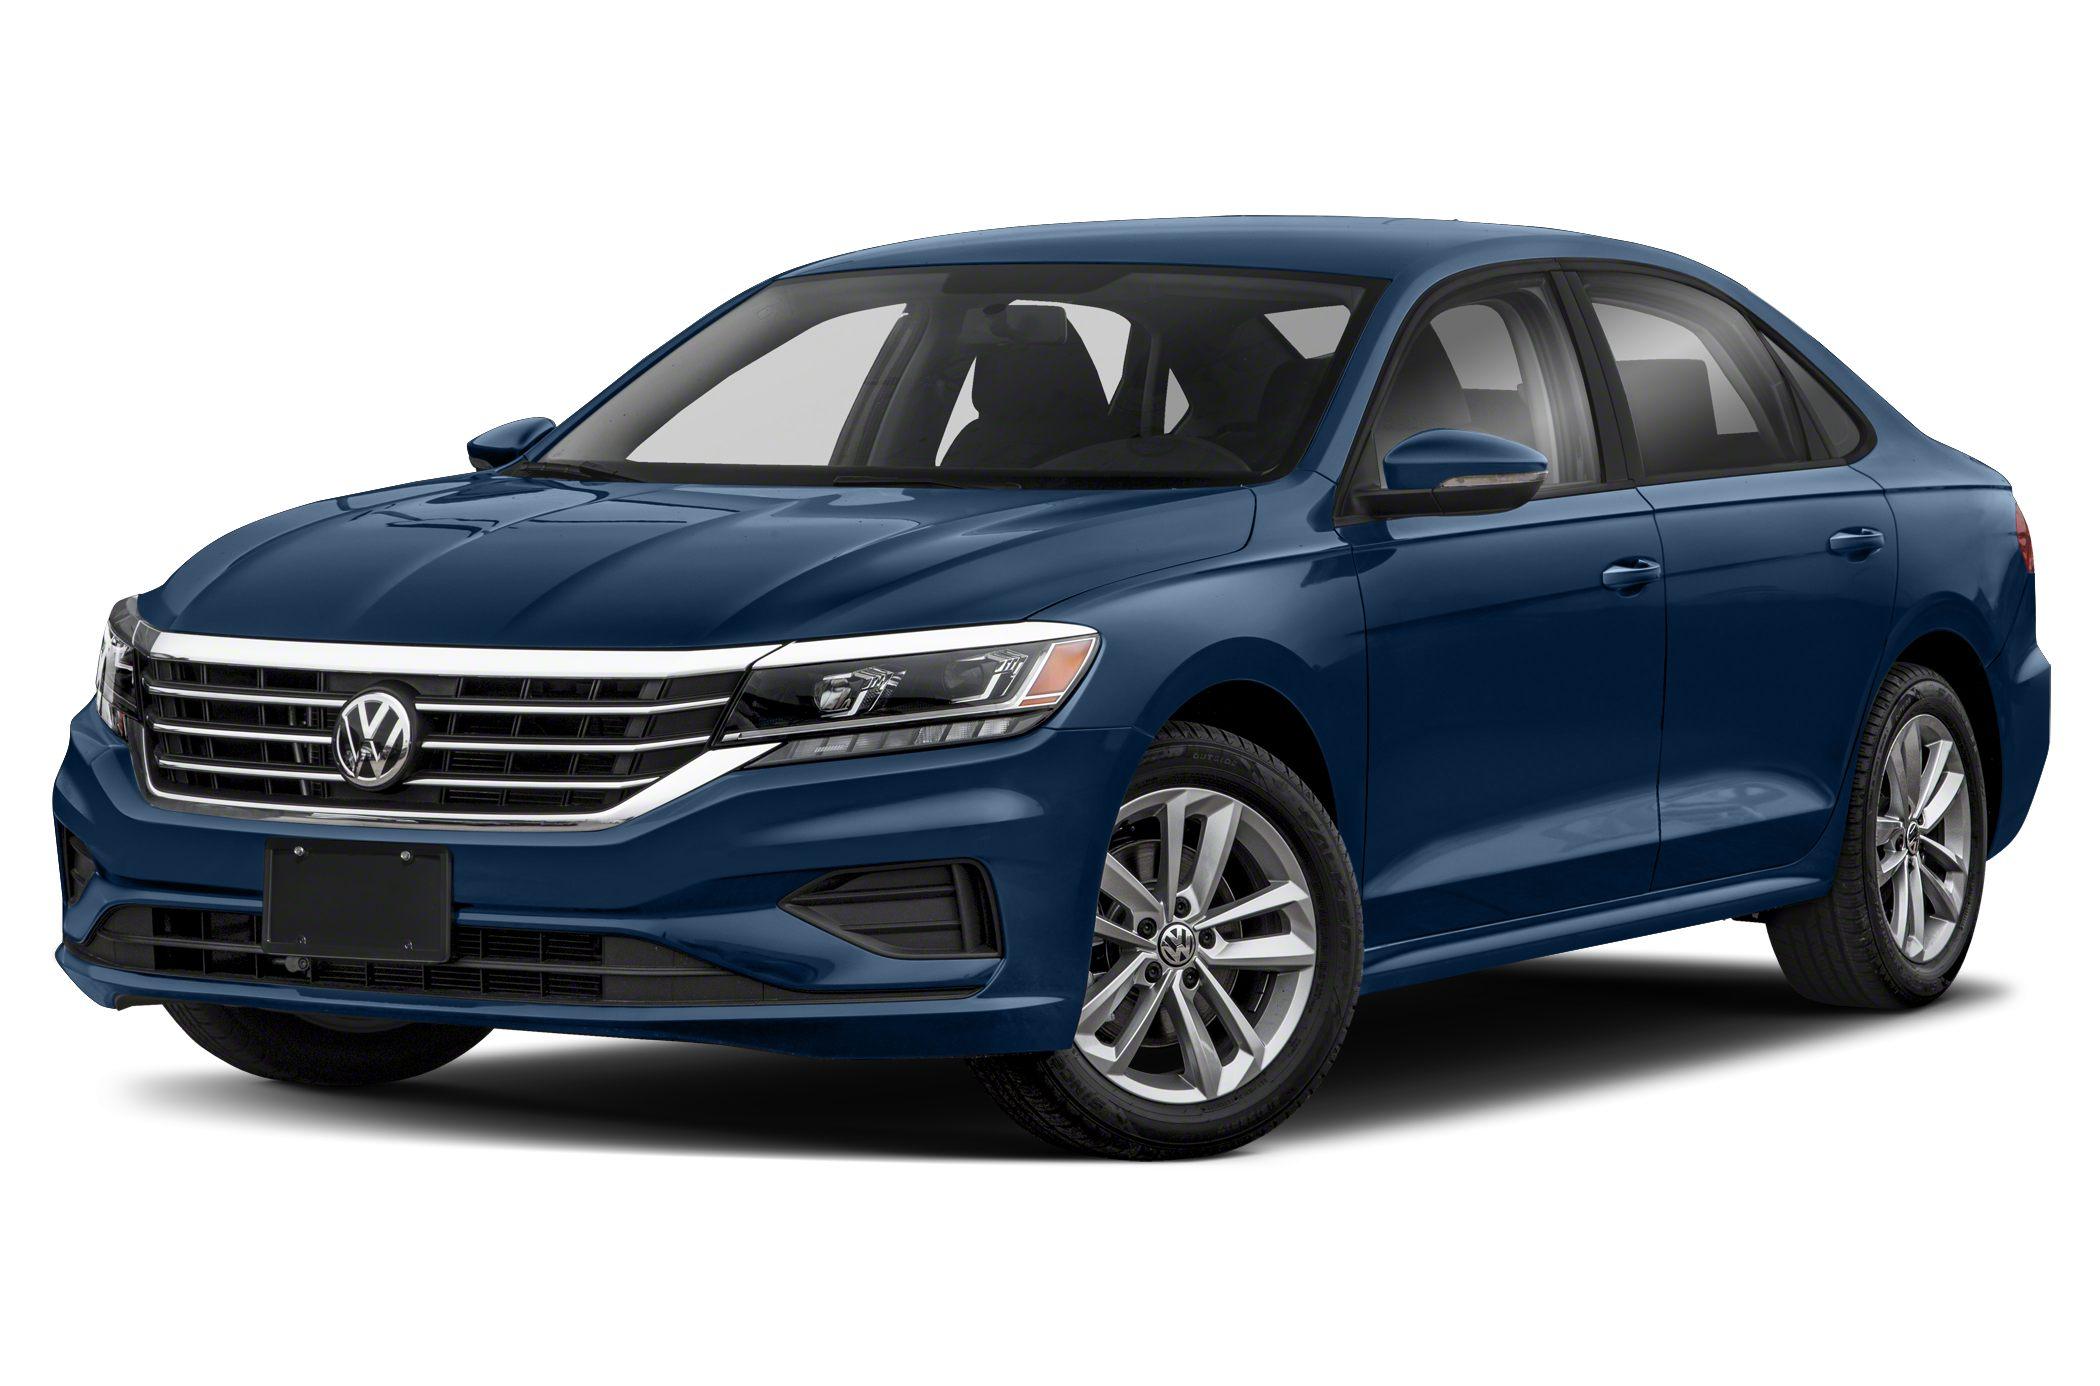 2021 Volkswagen Passat Pictures